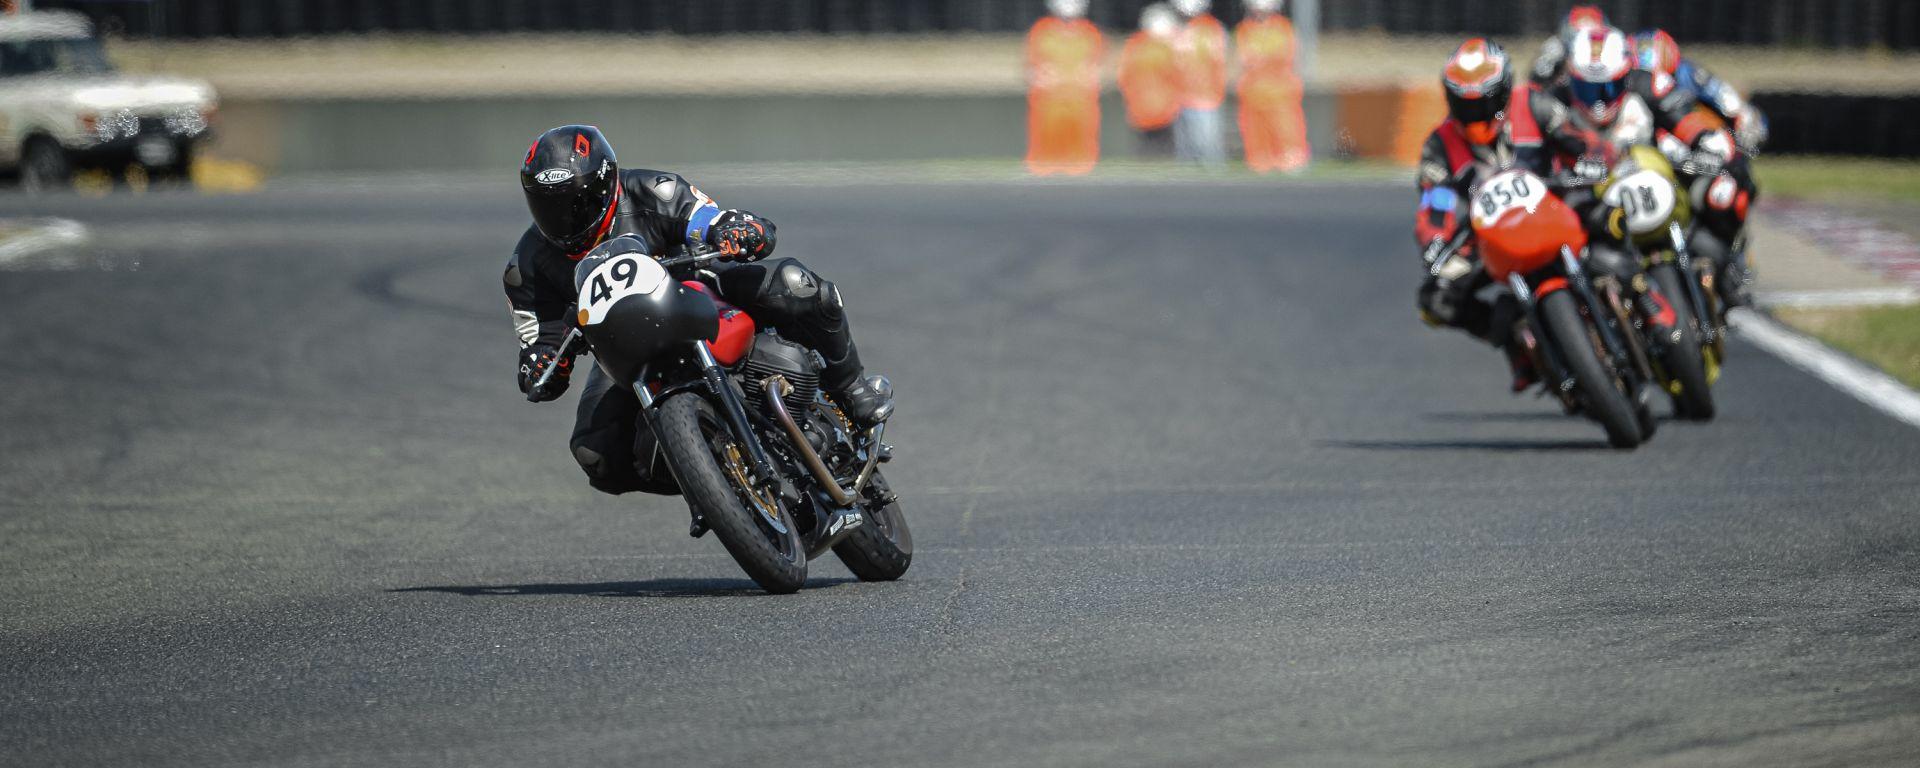 Moto Guzzi Fast Endurance: amicizia, gas e competizione con la V7 III